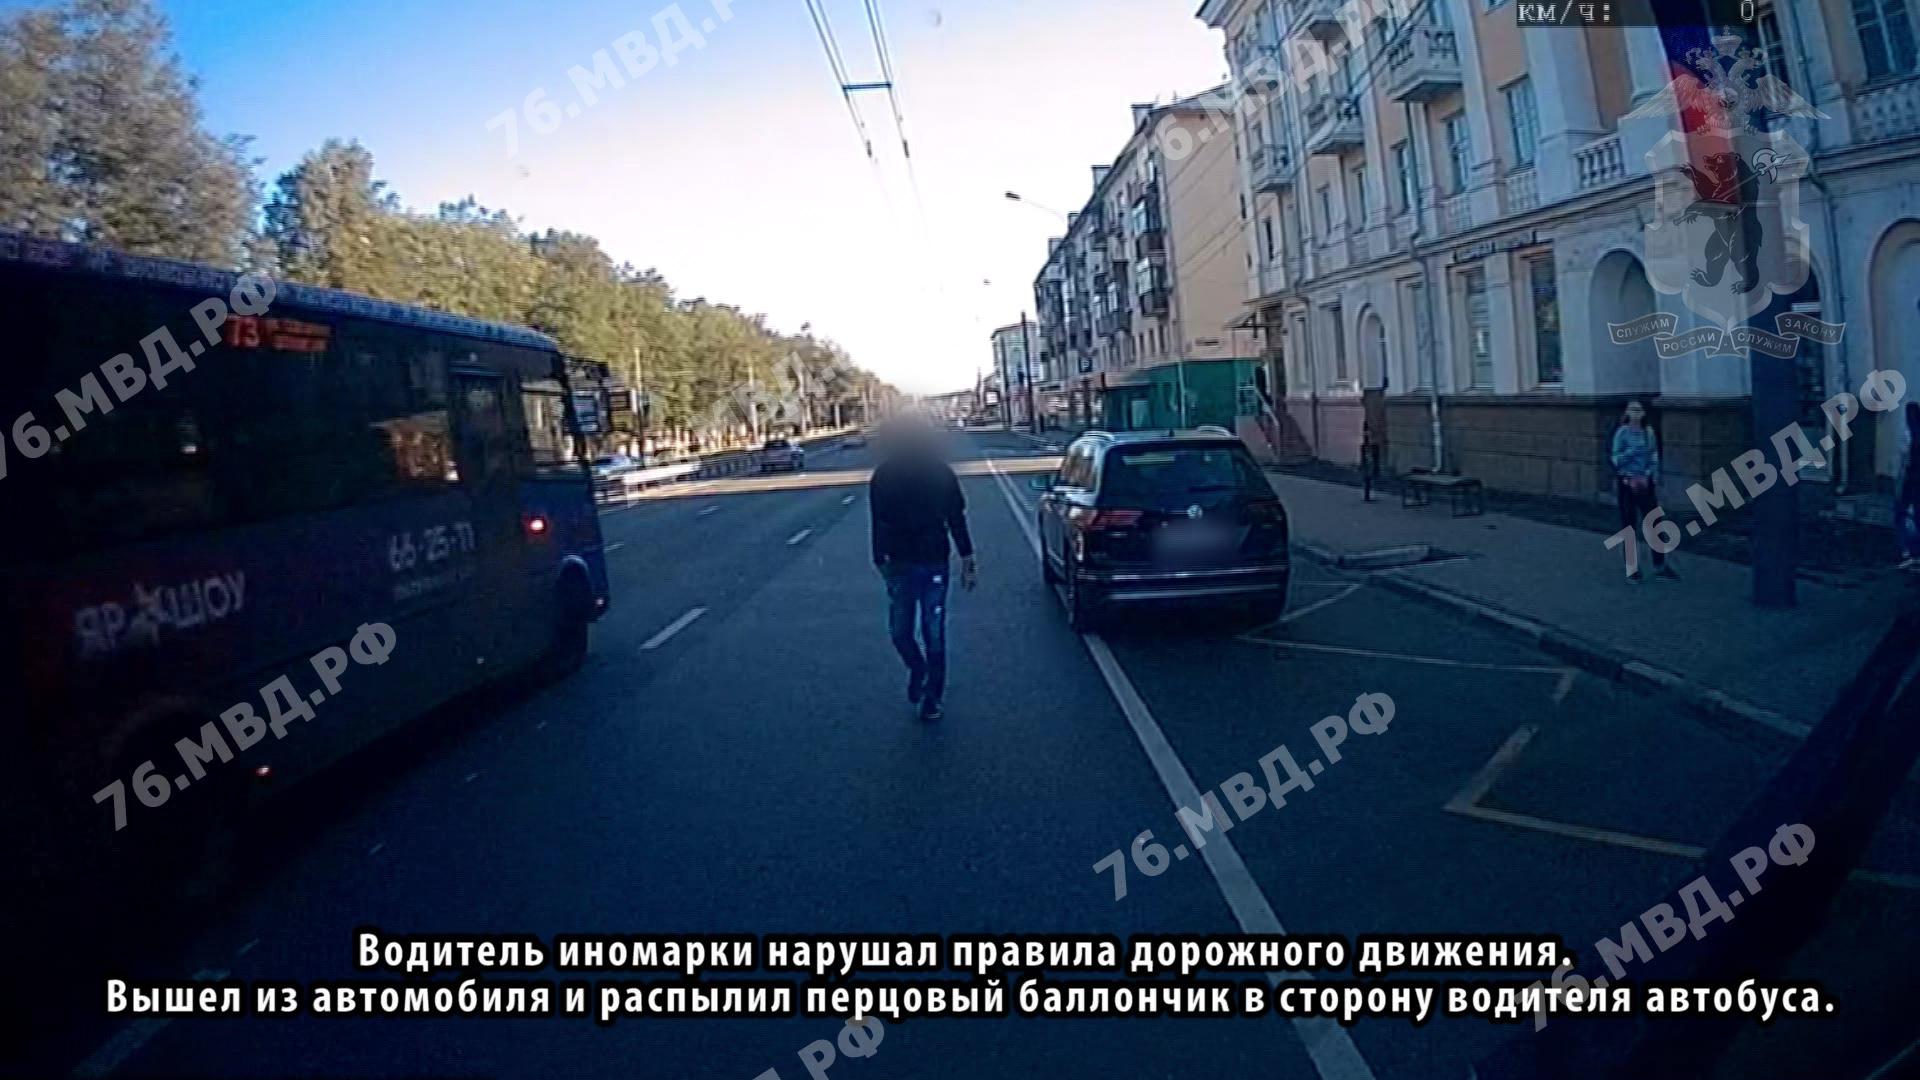 Мужчина, распыливший баллончик в лицо водителя маршрутки, будет отвечать за хулиганство